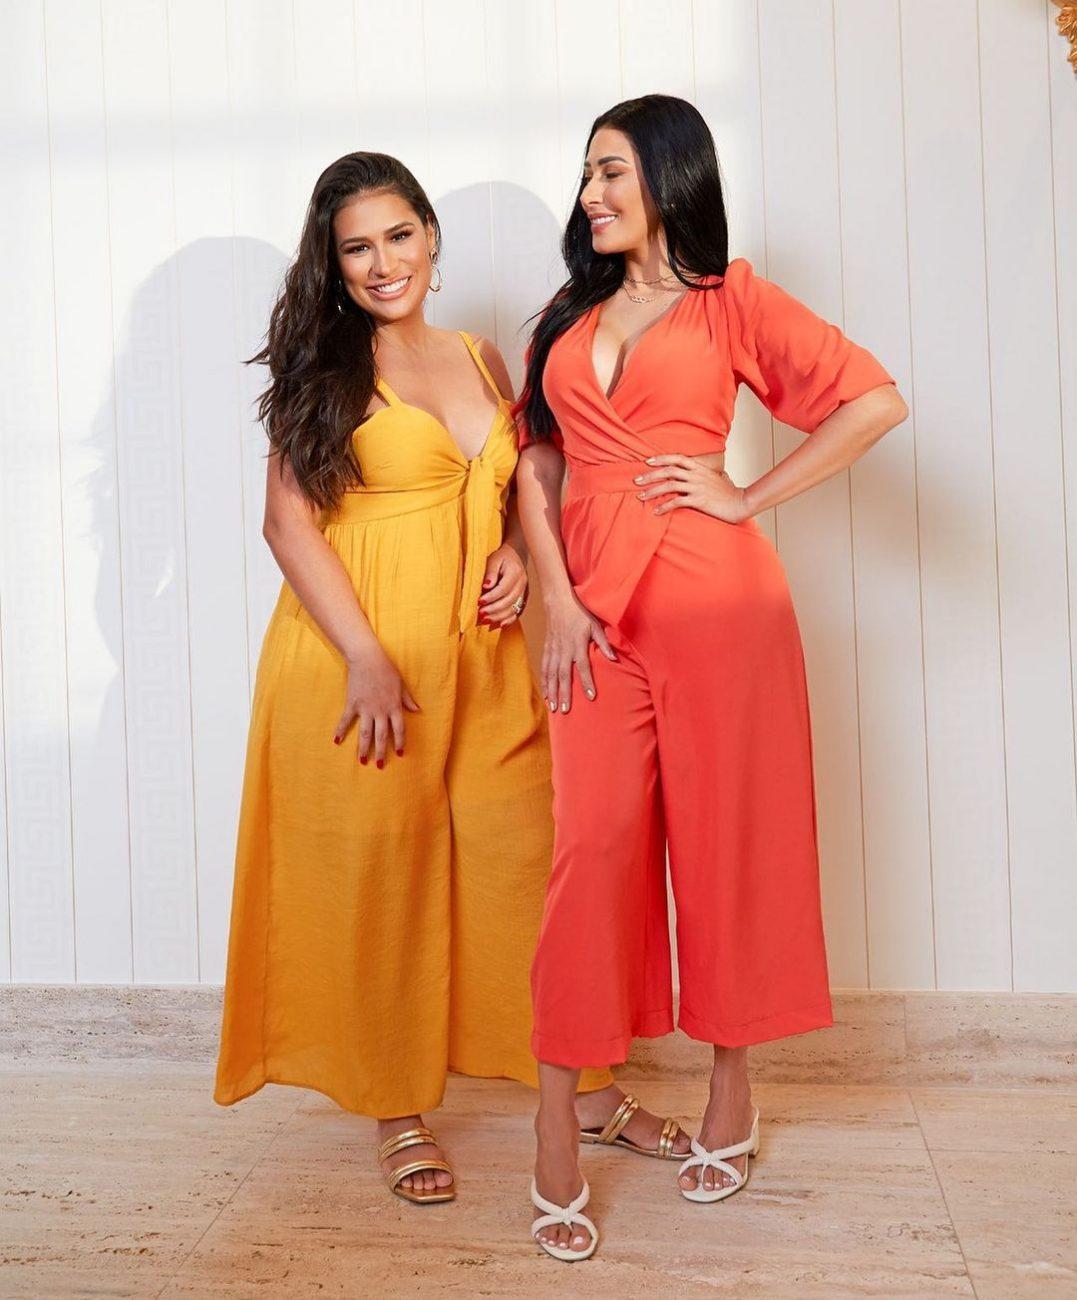 Simone e Simaria são irmãs e compõem dupla sertaneja - Reprodução Instagram/ND